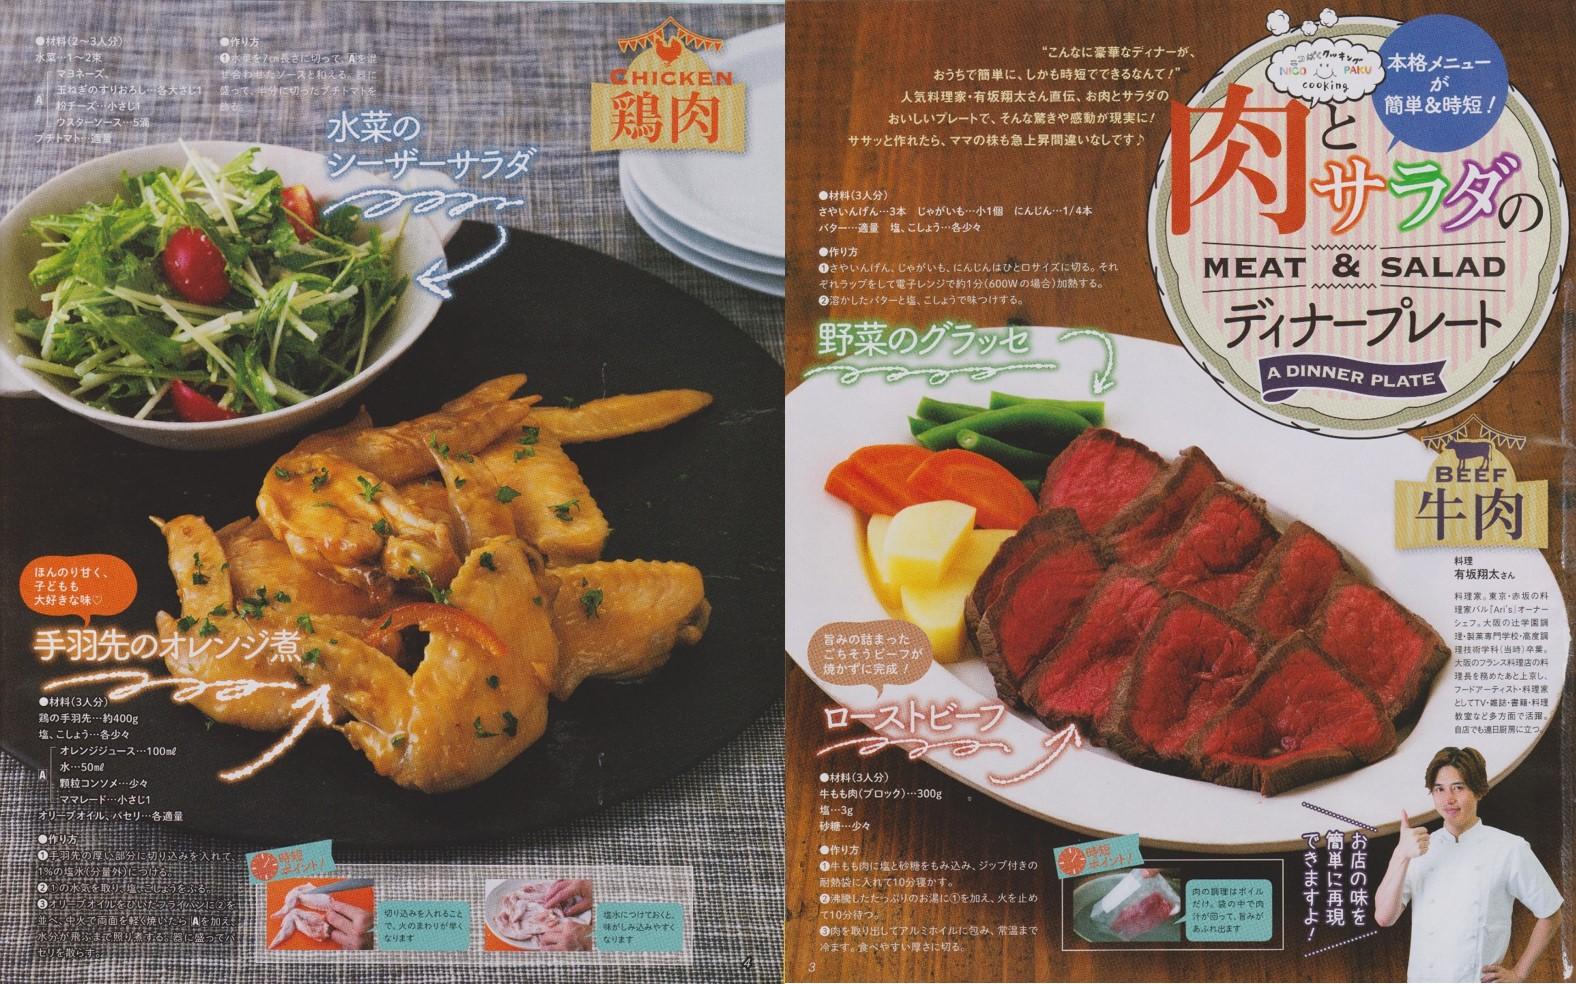 牛肉、鶏肉、豚肉の料理を紹介しています ^ ^